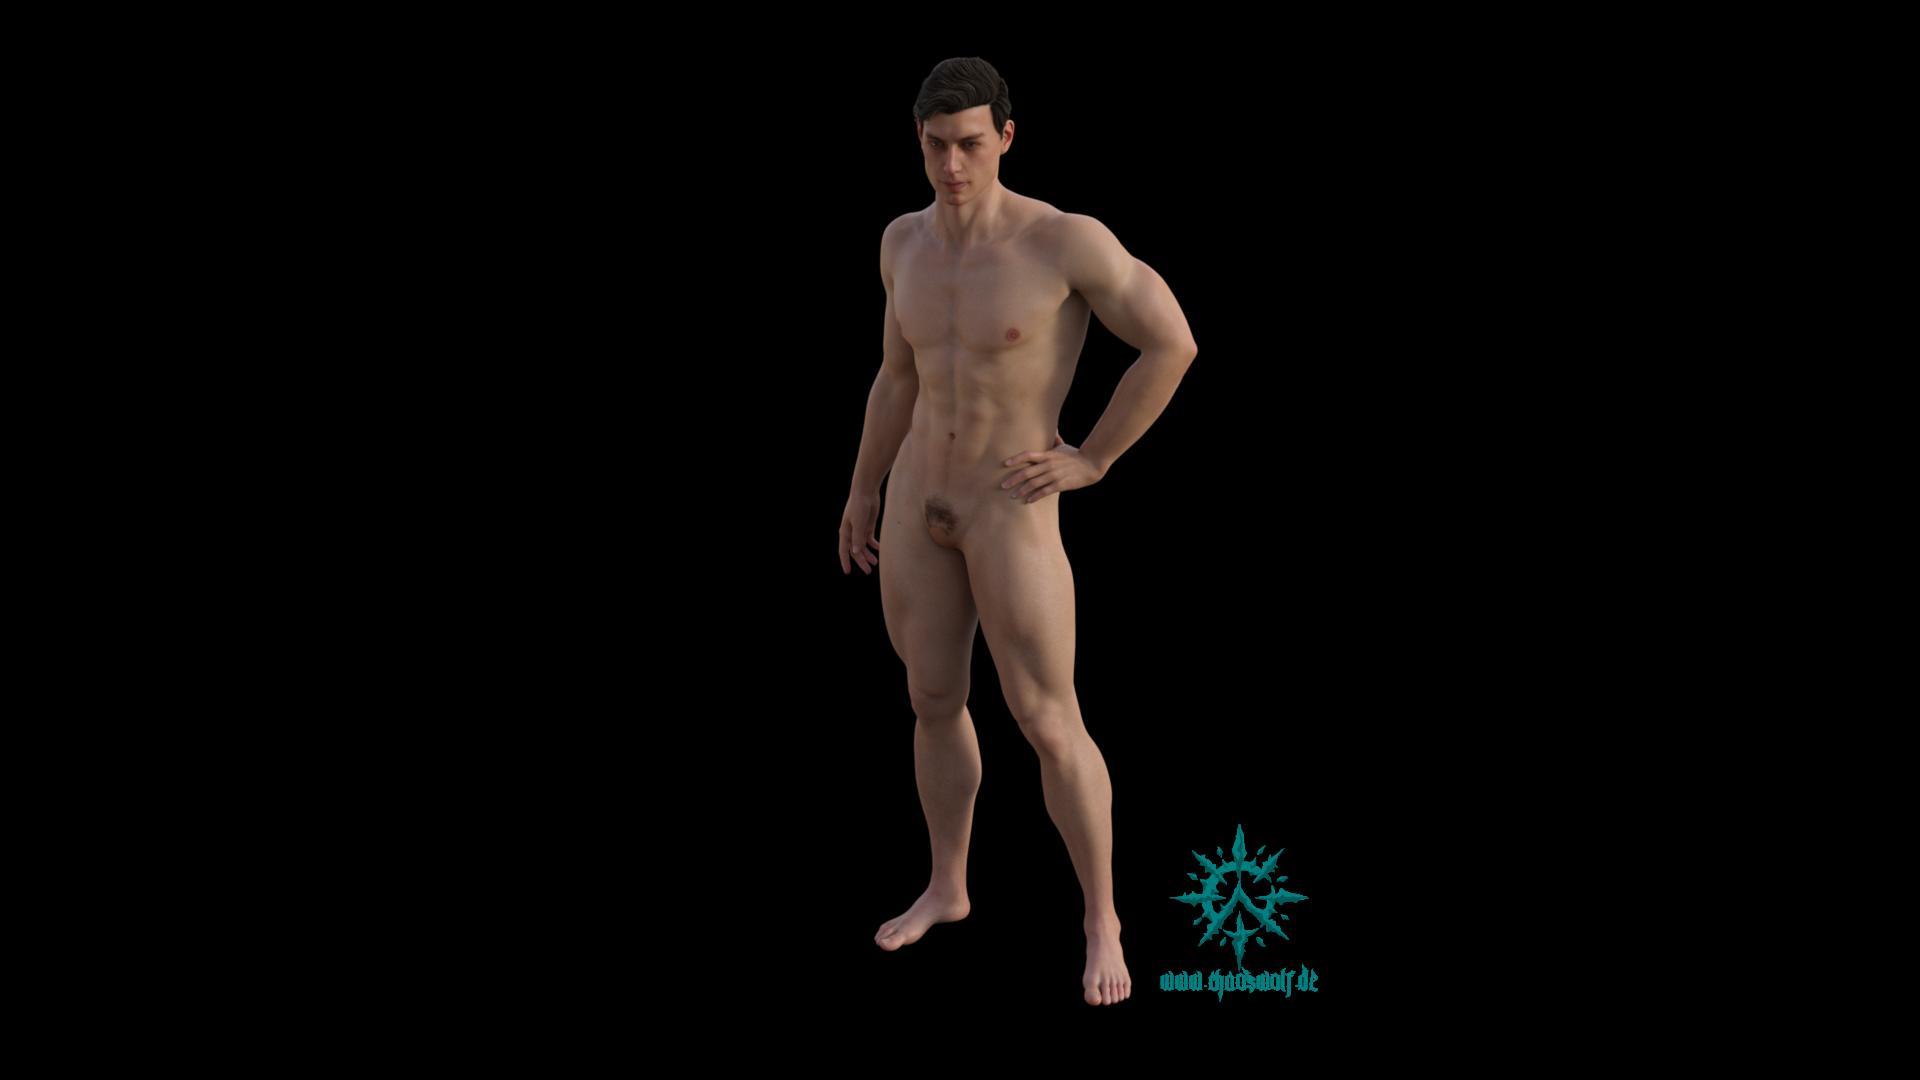 Erwachsener Mann muskulös stehend